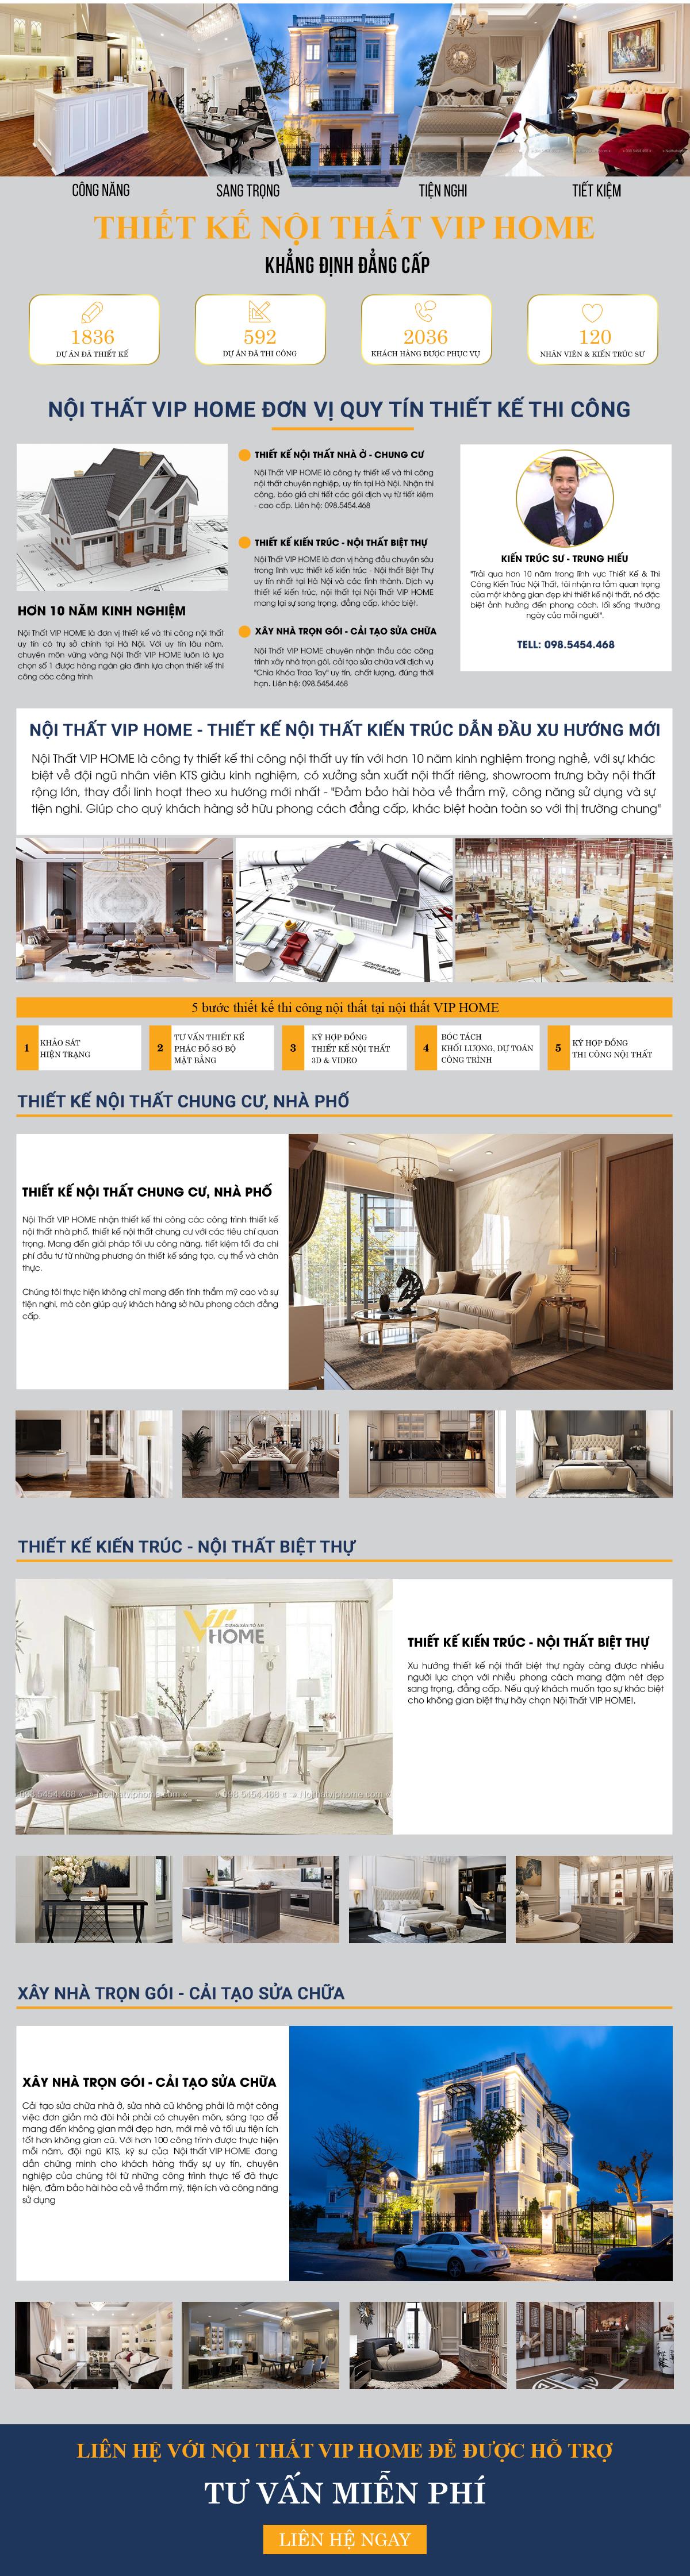 Thiết kế thi công nội thất uy tin